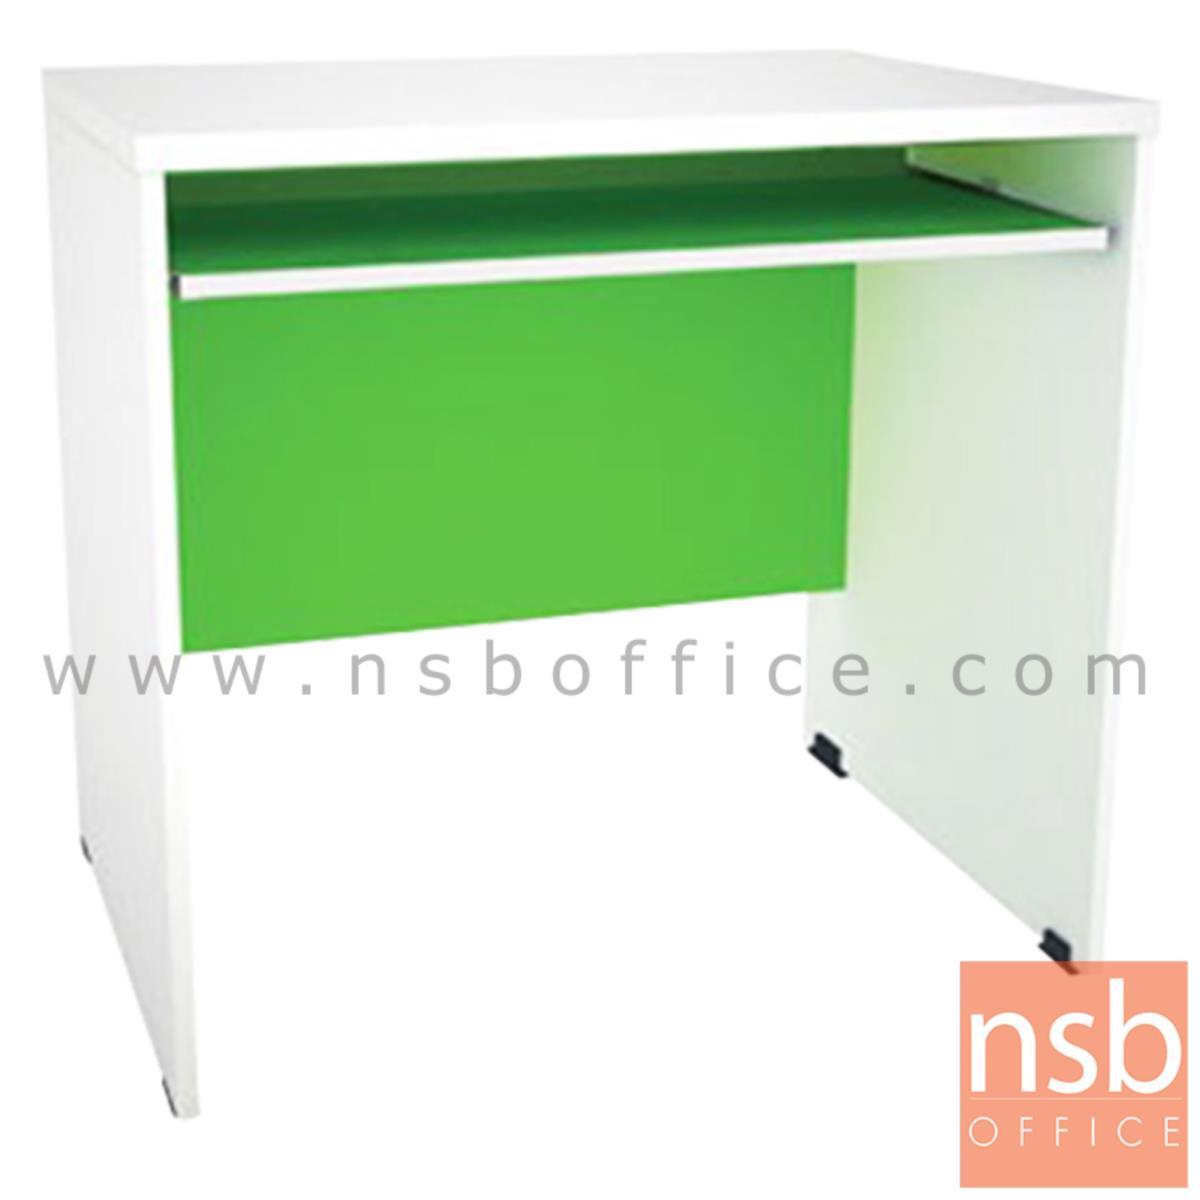 A20A019:โต๊ะคอมพิวเตอร์สีสัน  รุ่น Dunlop (ดันล็อพ) ขนาด 80W cm. พร้อมรางคีย์บอร์ด